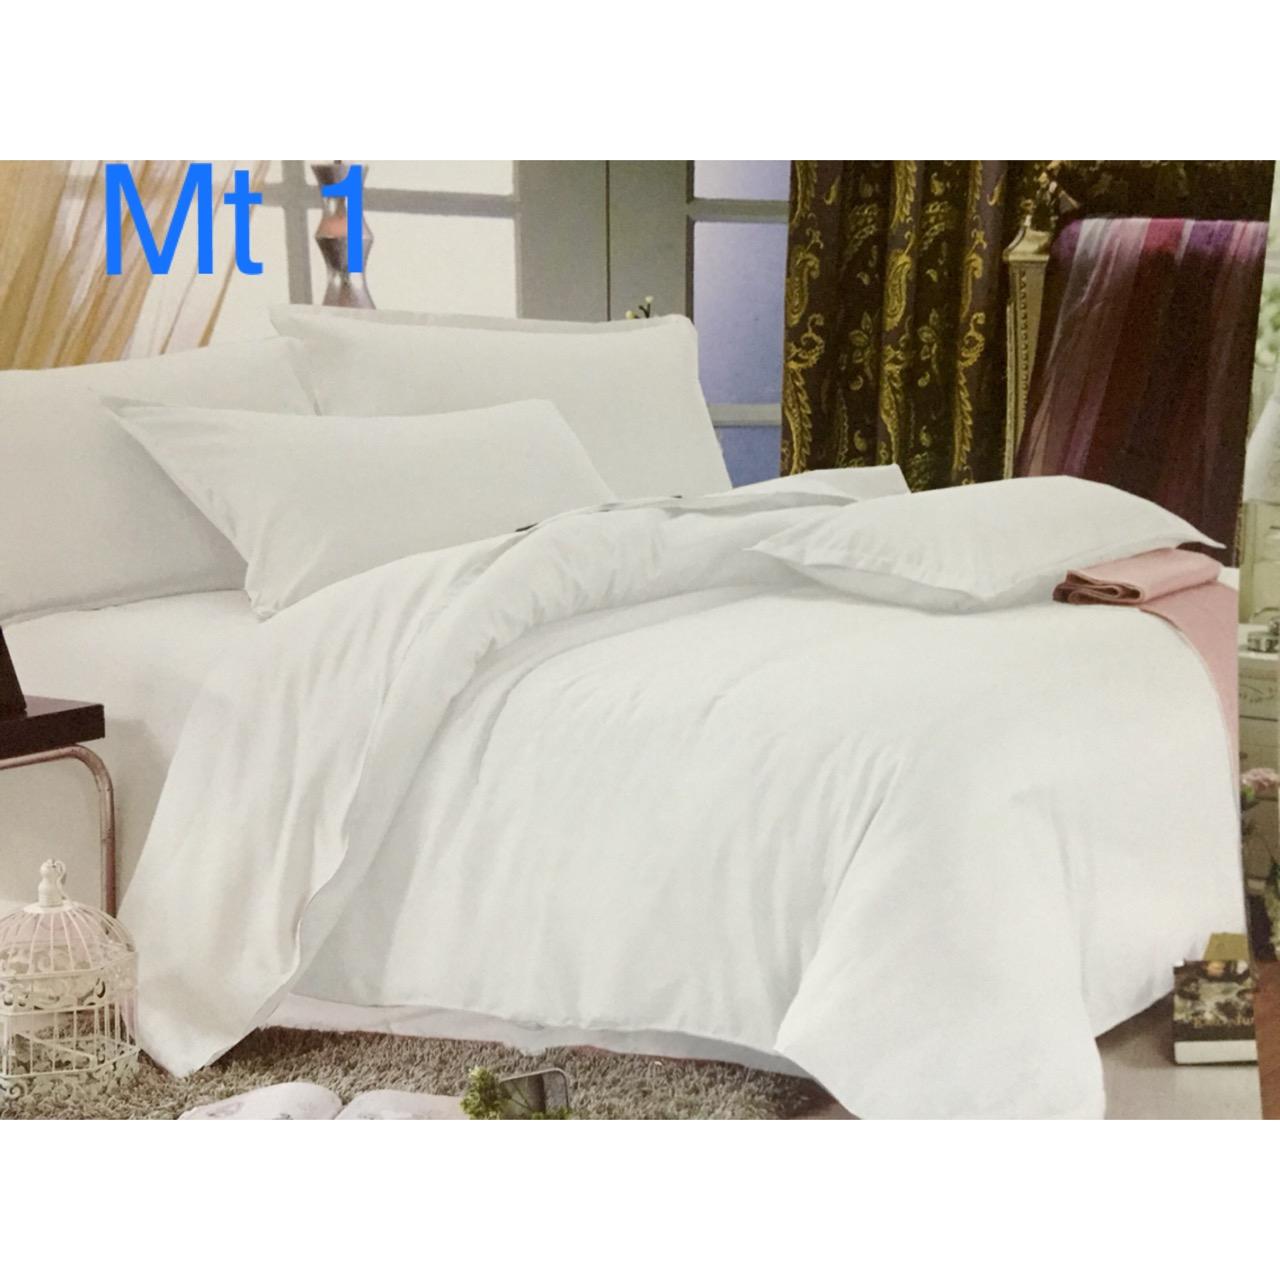 Chăn ga màu trắng trơn (loại dùng cho khách sạn)